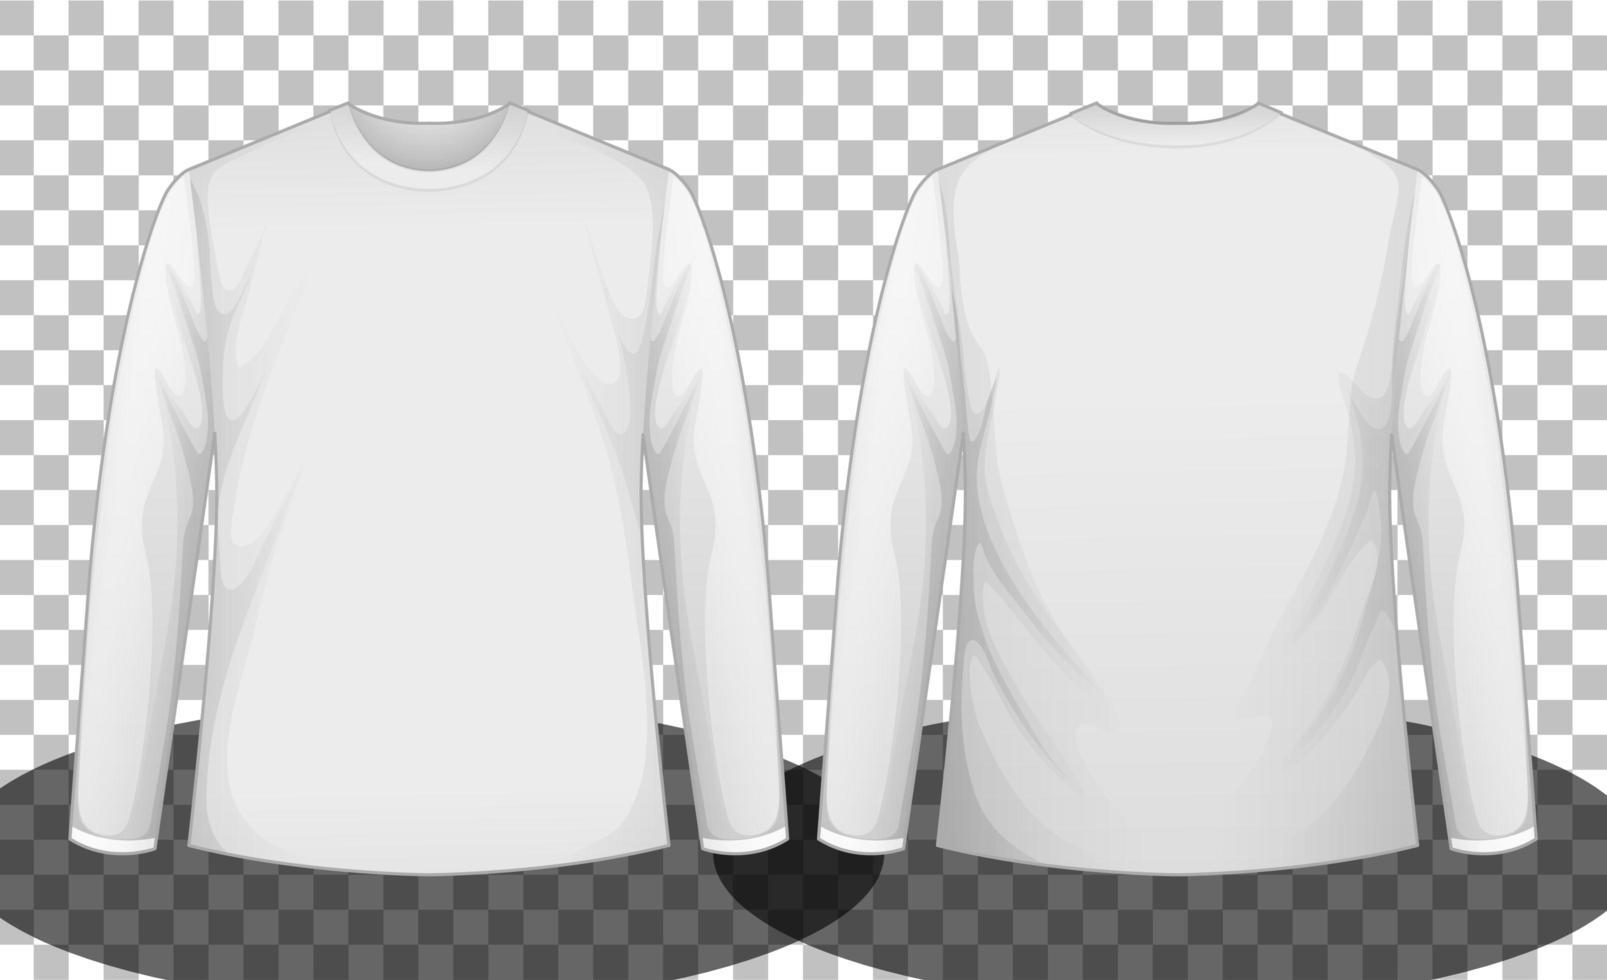 wit t-shirt met lange mouwen voor en achter vector